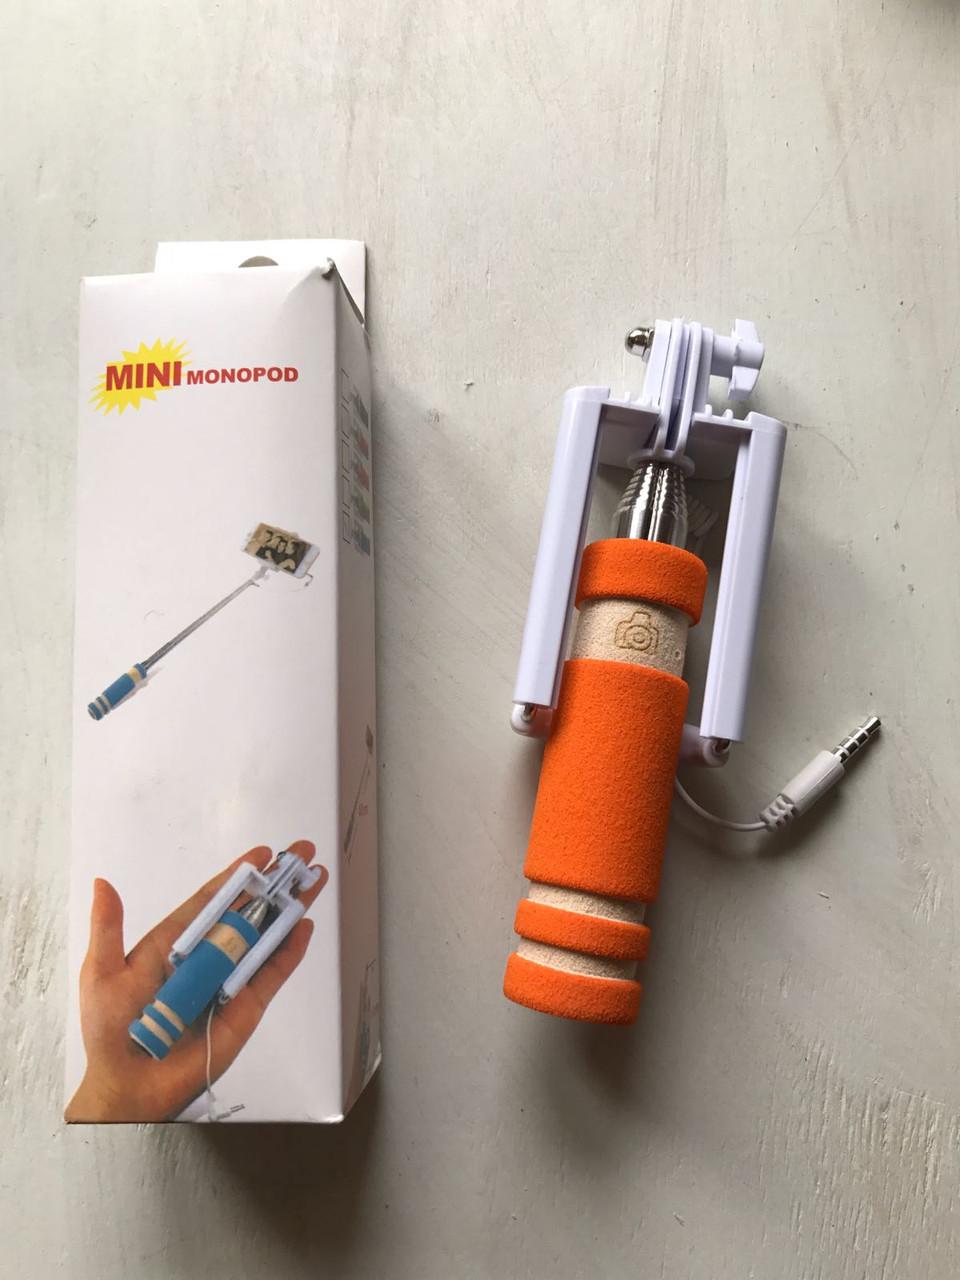 Оранжевый монопод мини (селфи палка) для телефона